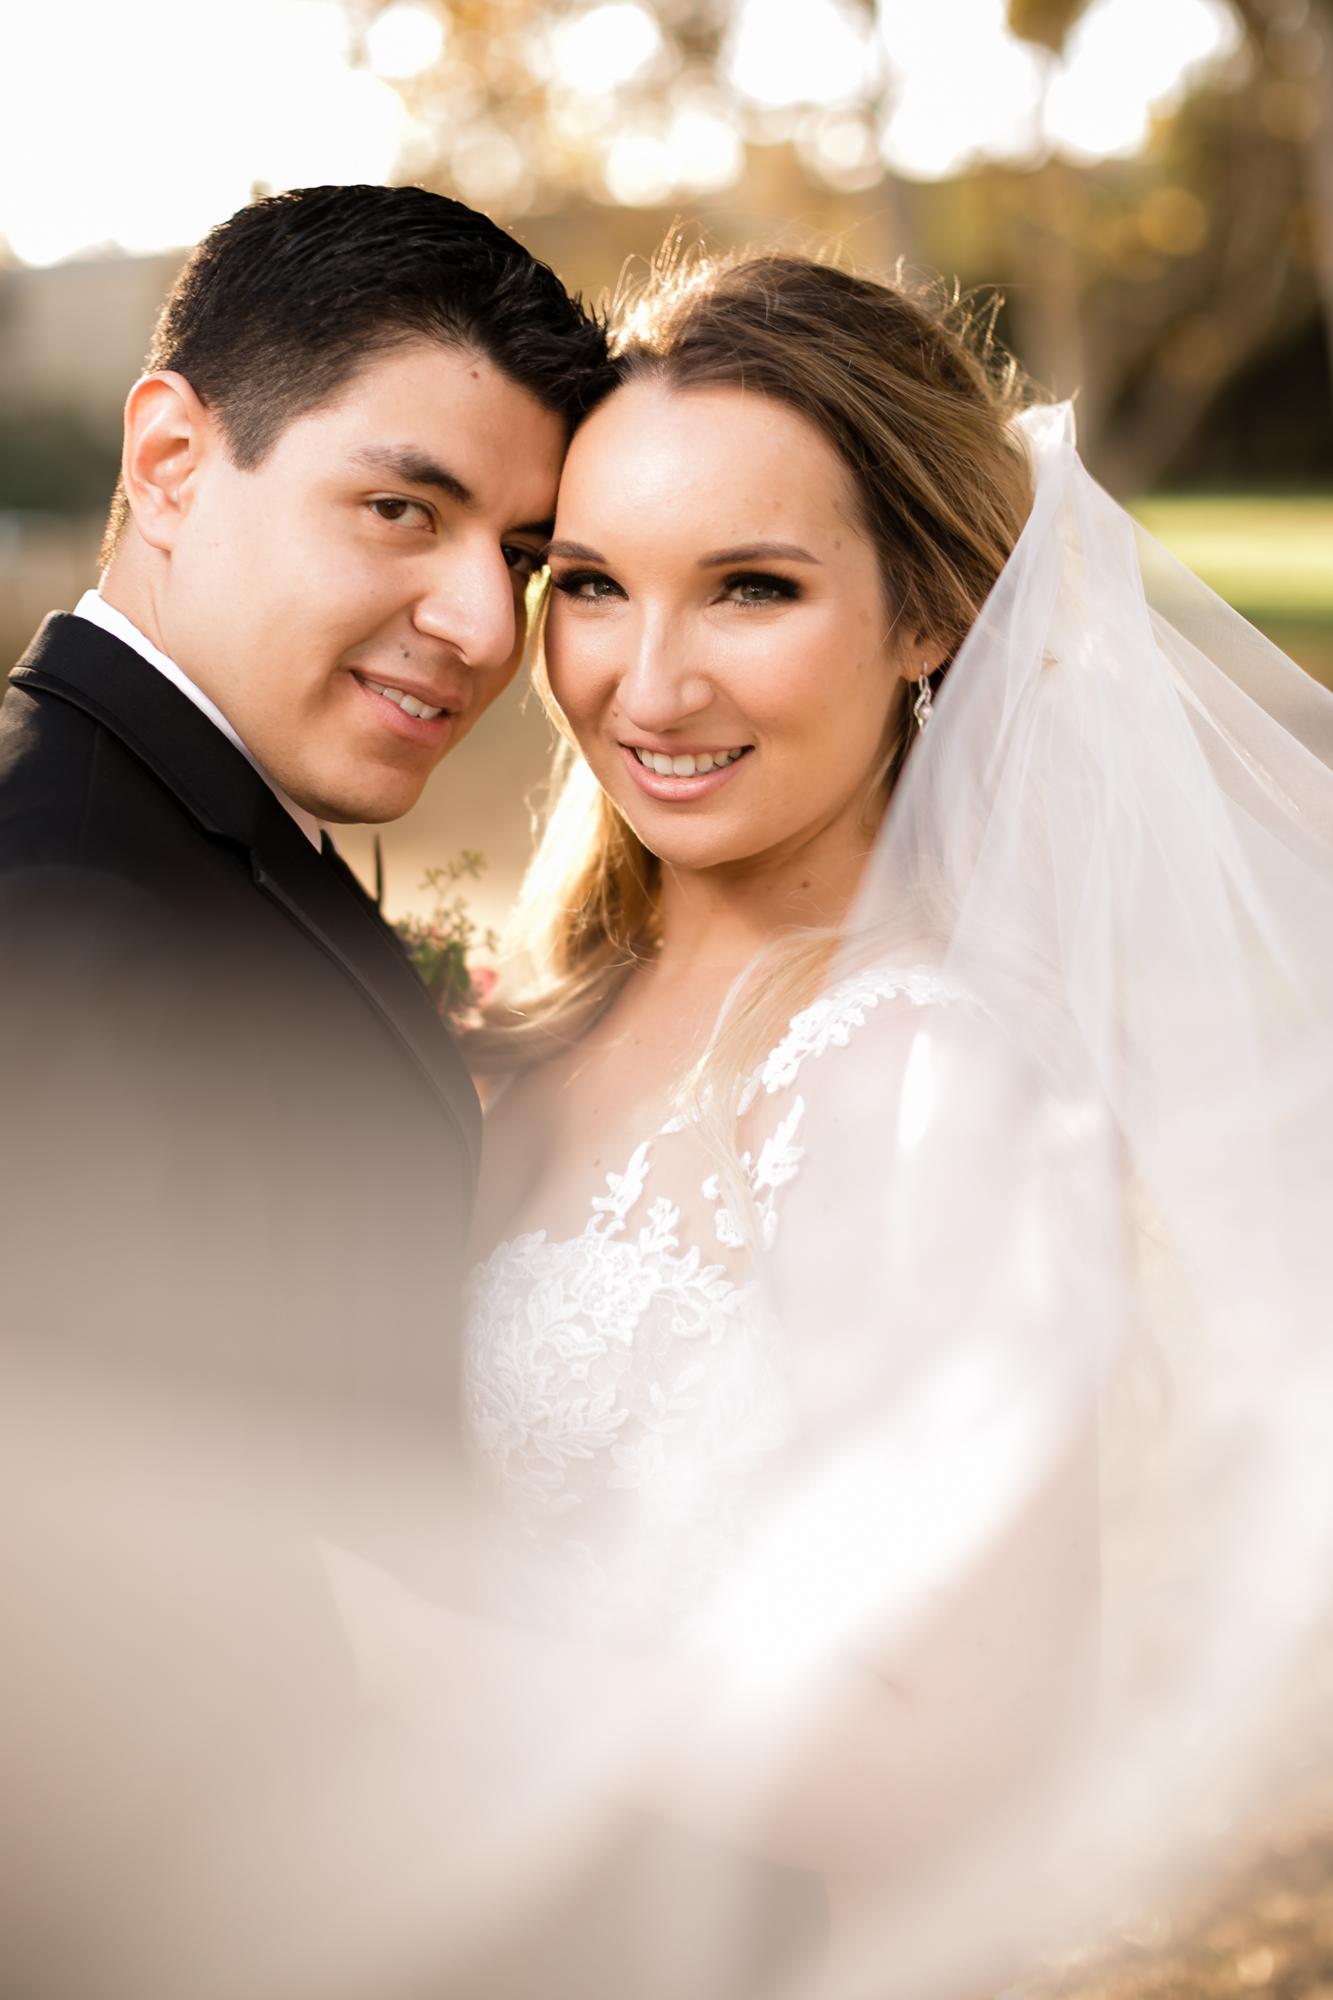 KM-Calamigos-Equestrian-Wedding-Sarah-Mack-Photo -0003.jpg